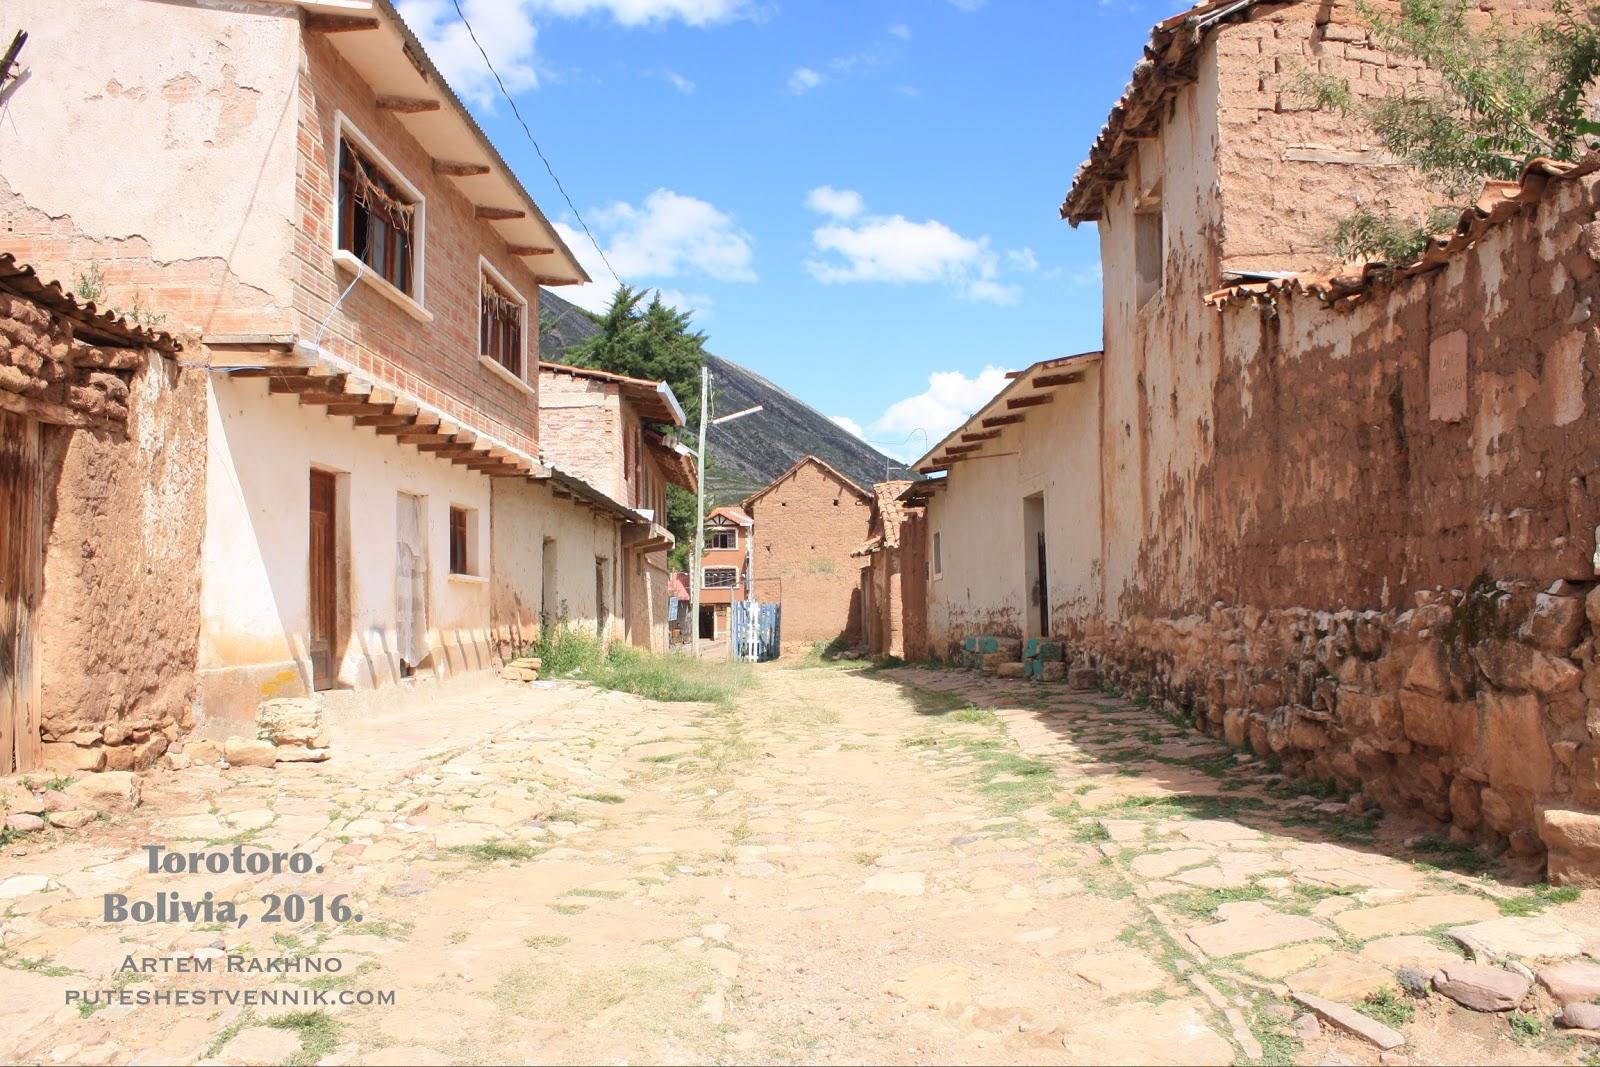 Деревня Тороторо в Боливии